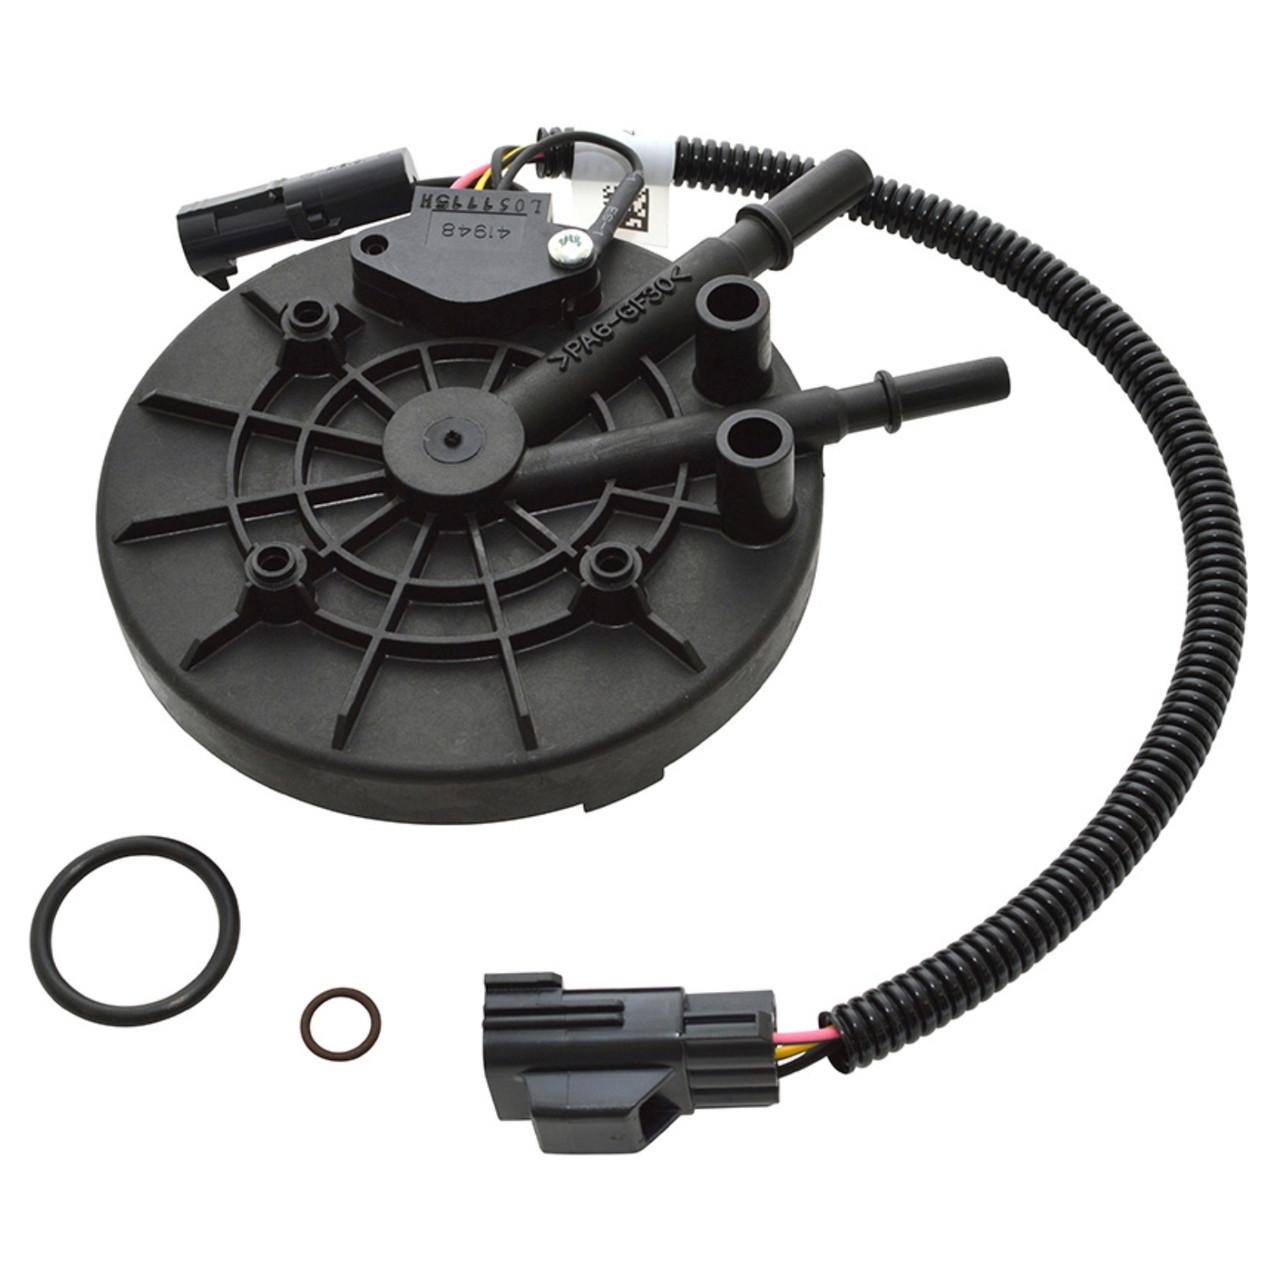 Range Rover Sport Fuel Filter Housing + Water Sensor Repair Kit